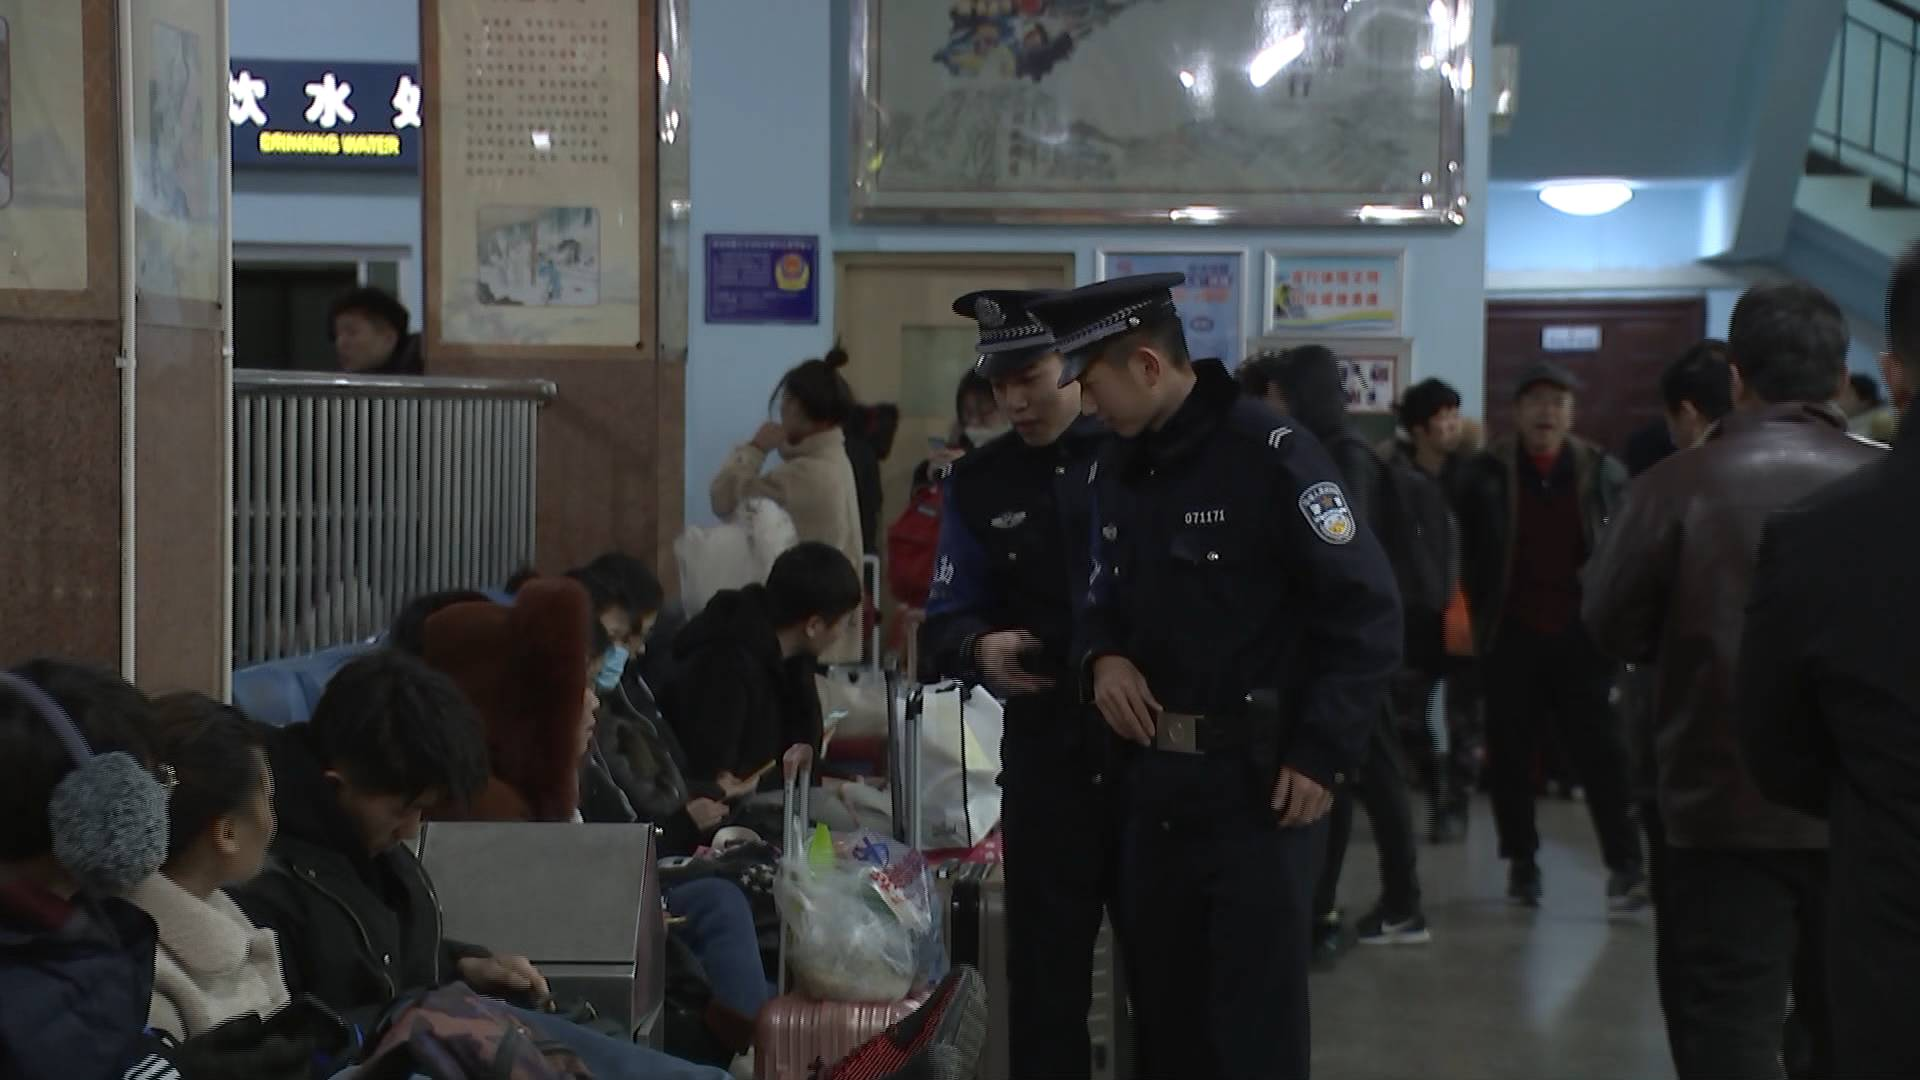 【温暖春运返程路】临沂火车站:一张小贴士 暖了旅客心